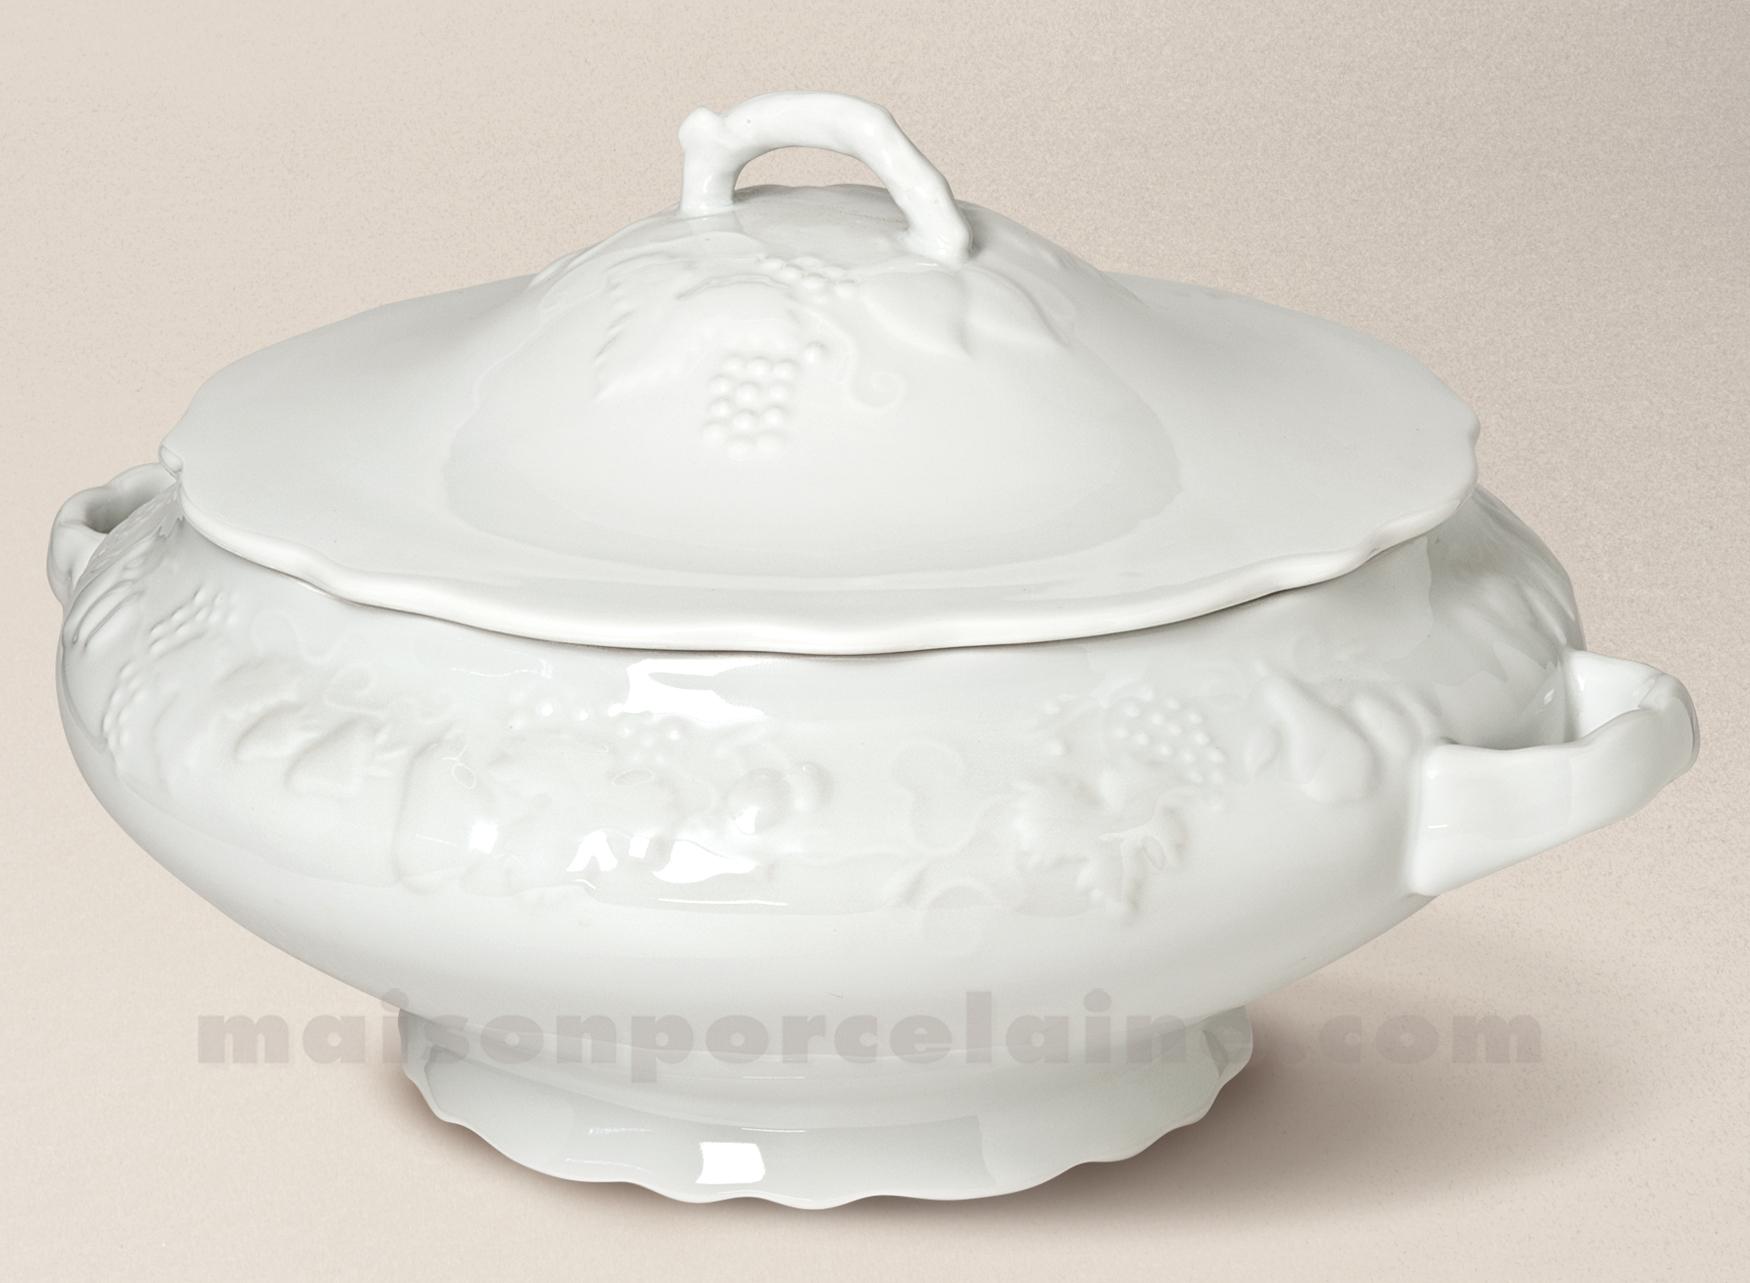 Soupiere california limoges porcelaine blanche 28x23 2l maison de la porcel - La porcelaine blanche ...